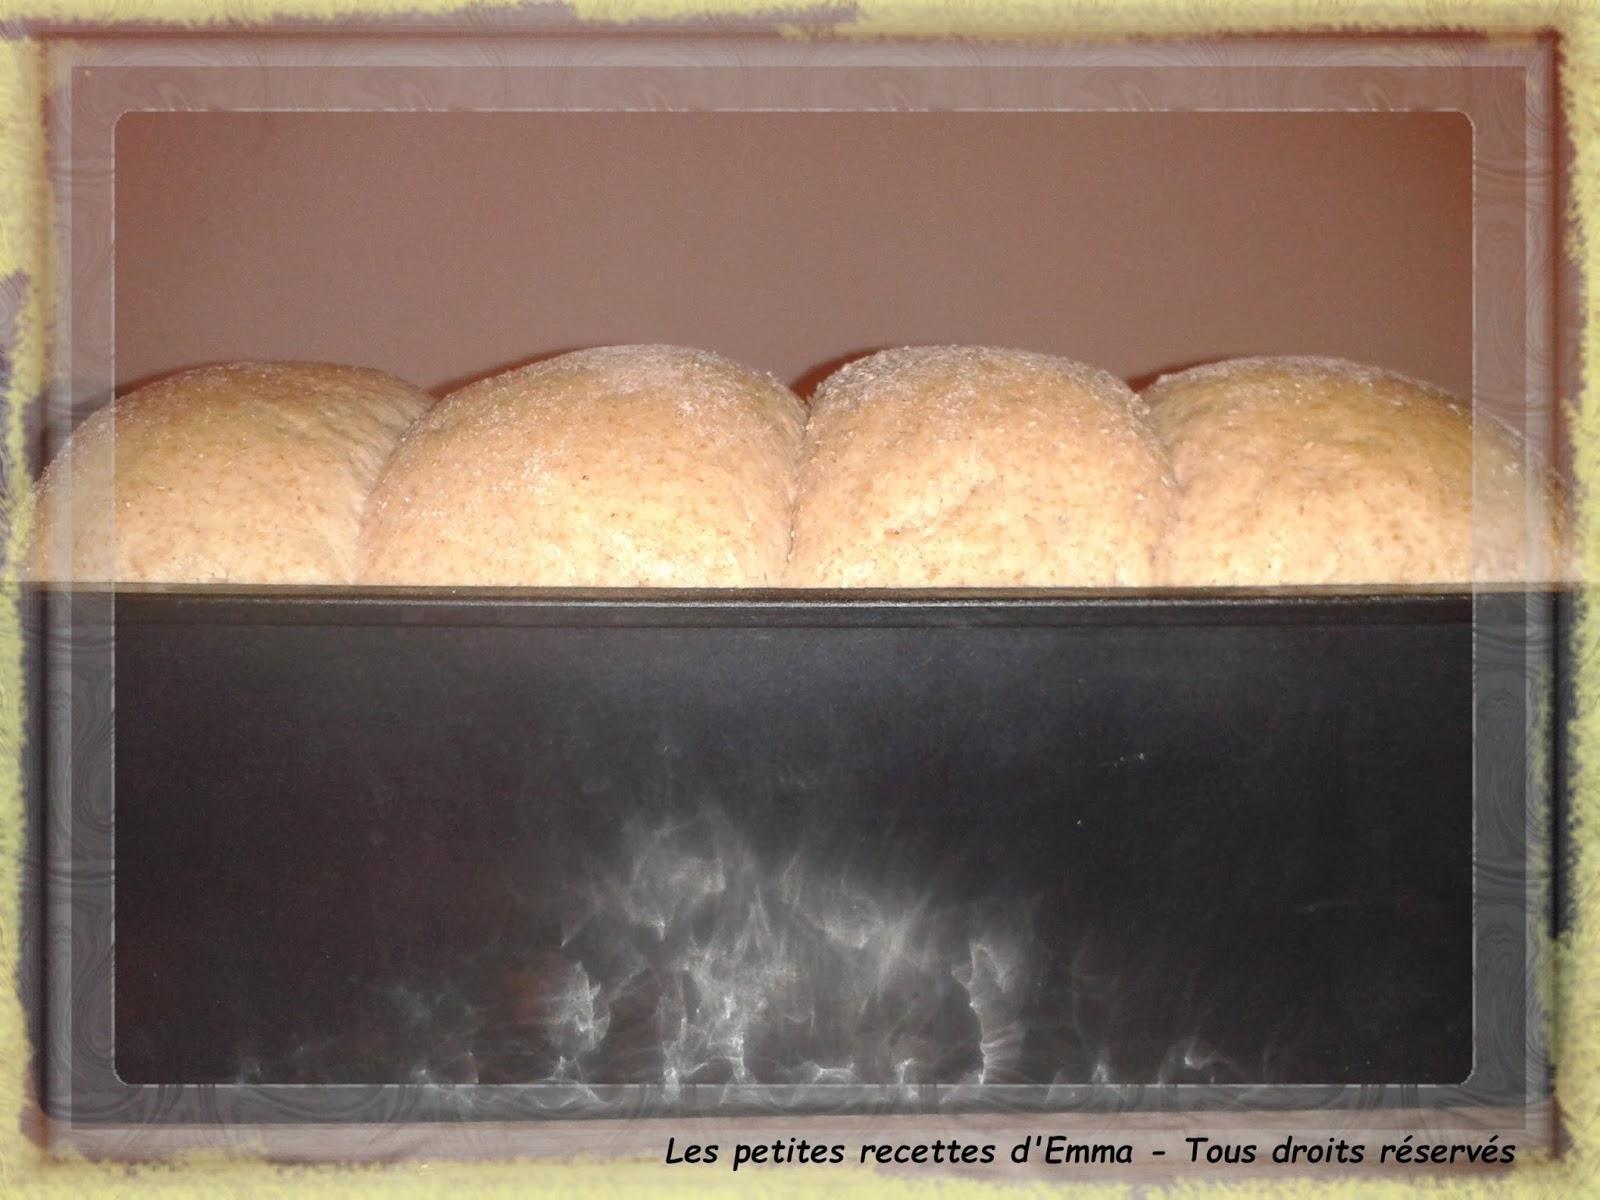 les petites recettes d 39 emma brioche aux saveurs de no l la farine compl te de grand peautre. Black Bedroom Furniture Sets. Home Design Ideas